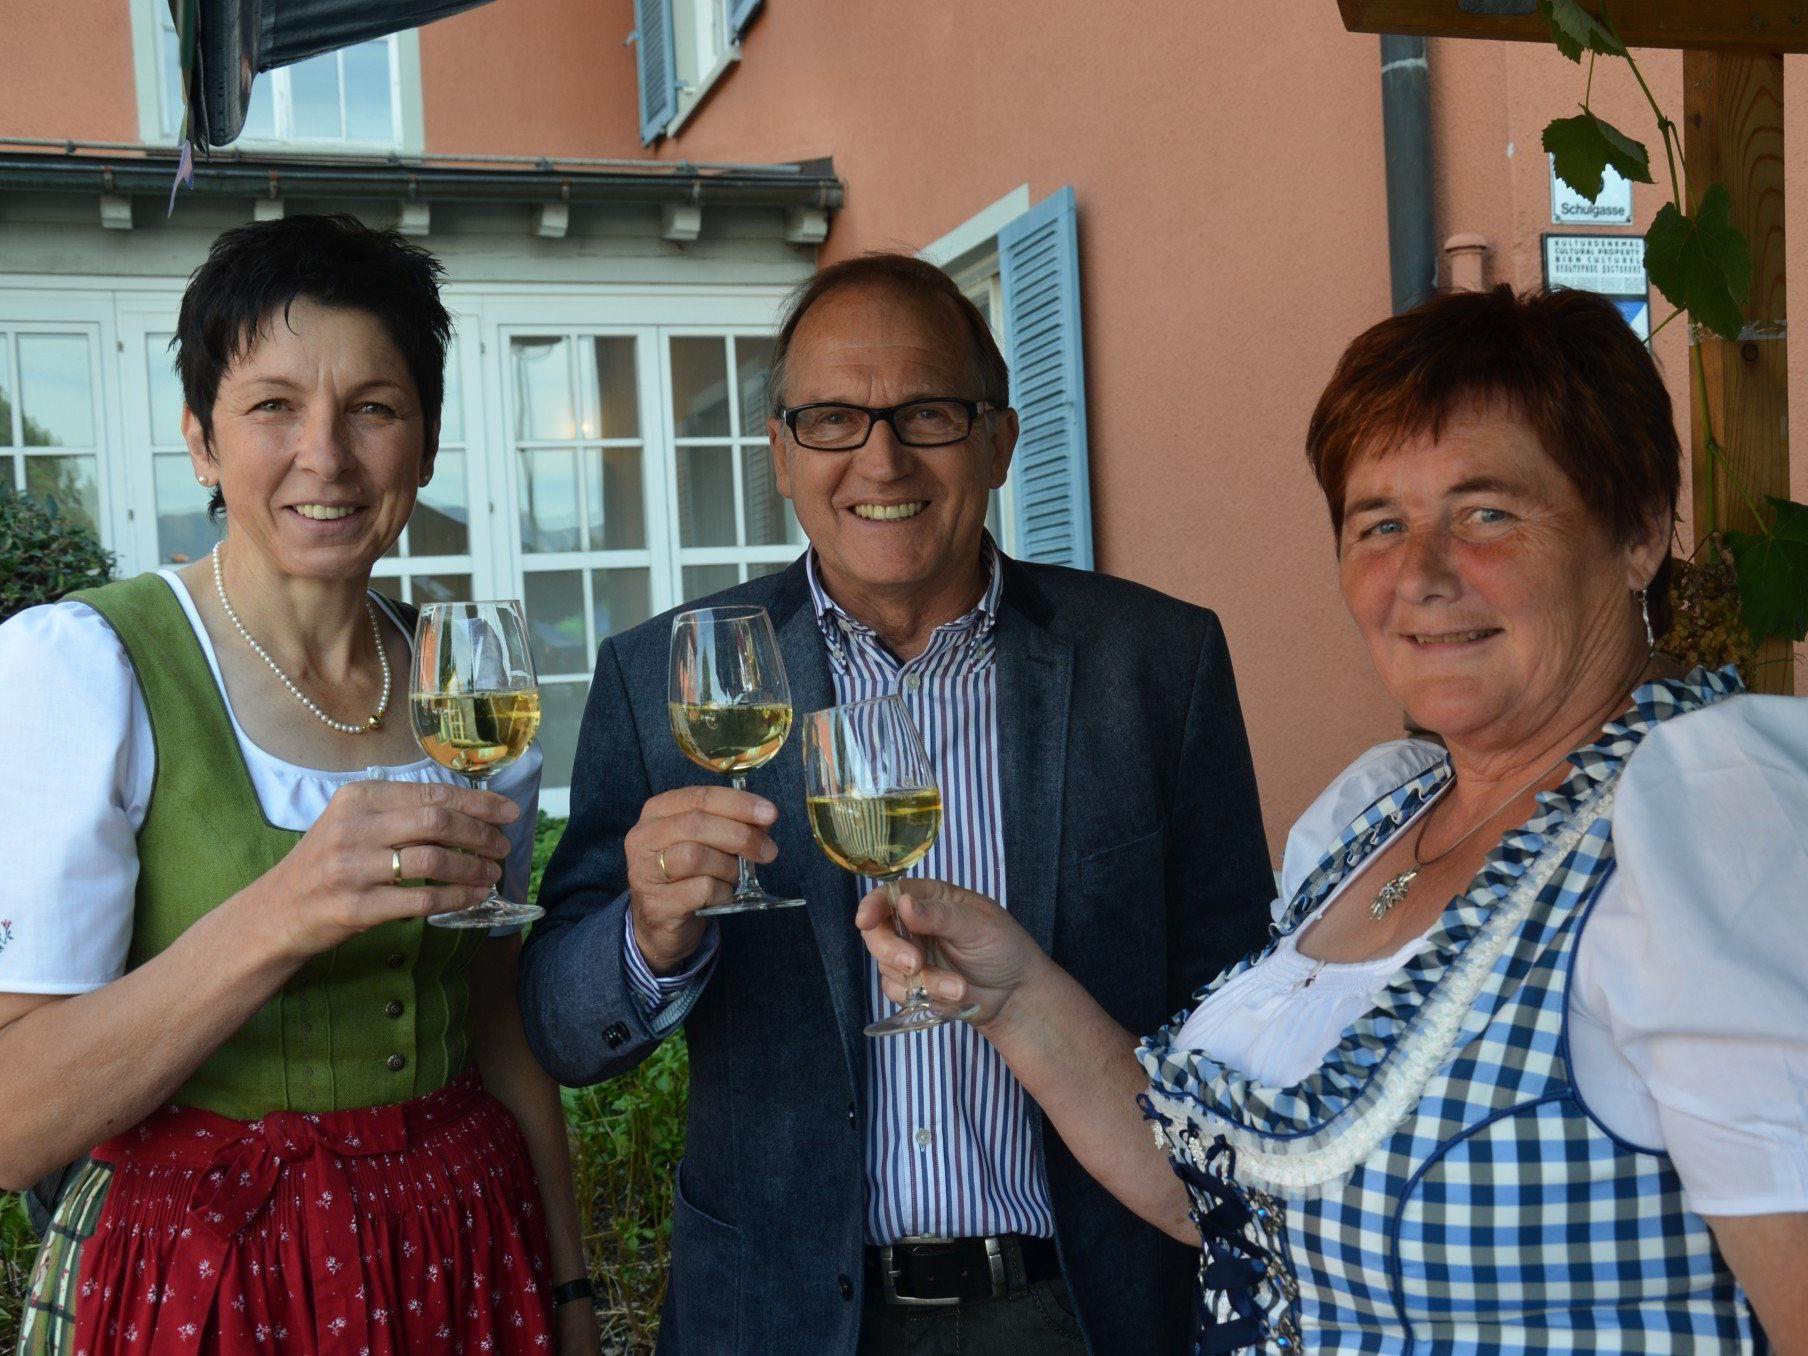 Stoßen auf einen erfolgreichen Dorfmarkt an.Bundesbäuerin  Andrea Schwarzmann, BGM Norbert Mähr und Organisatorin Irene Biedermann.